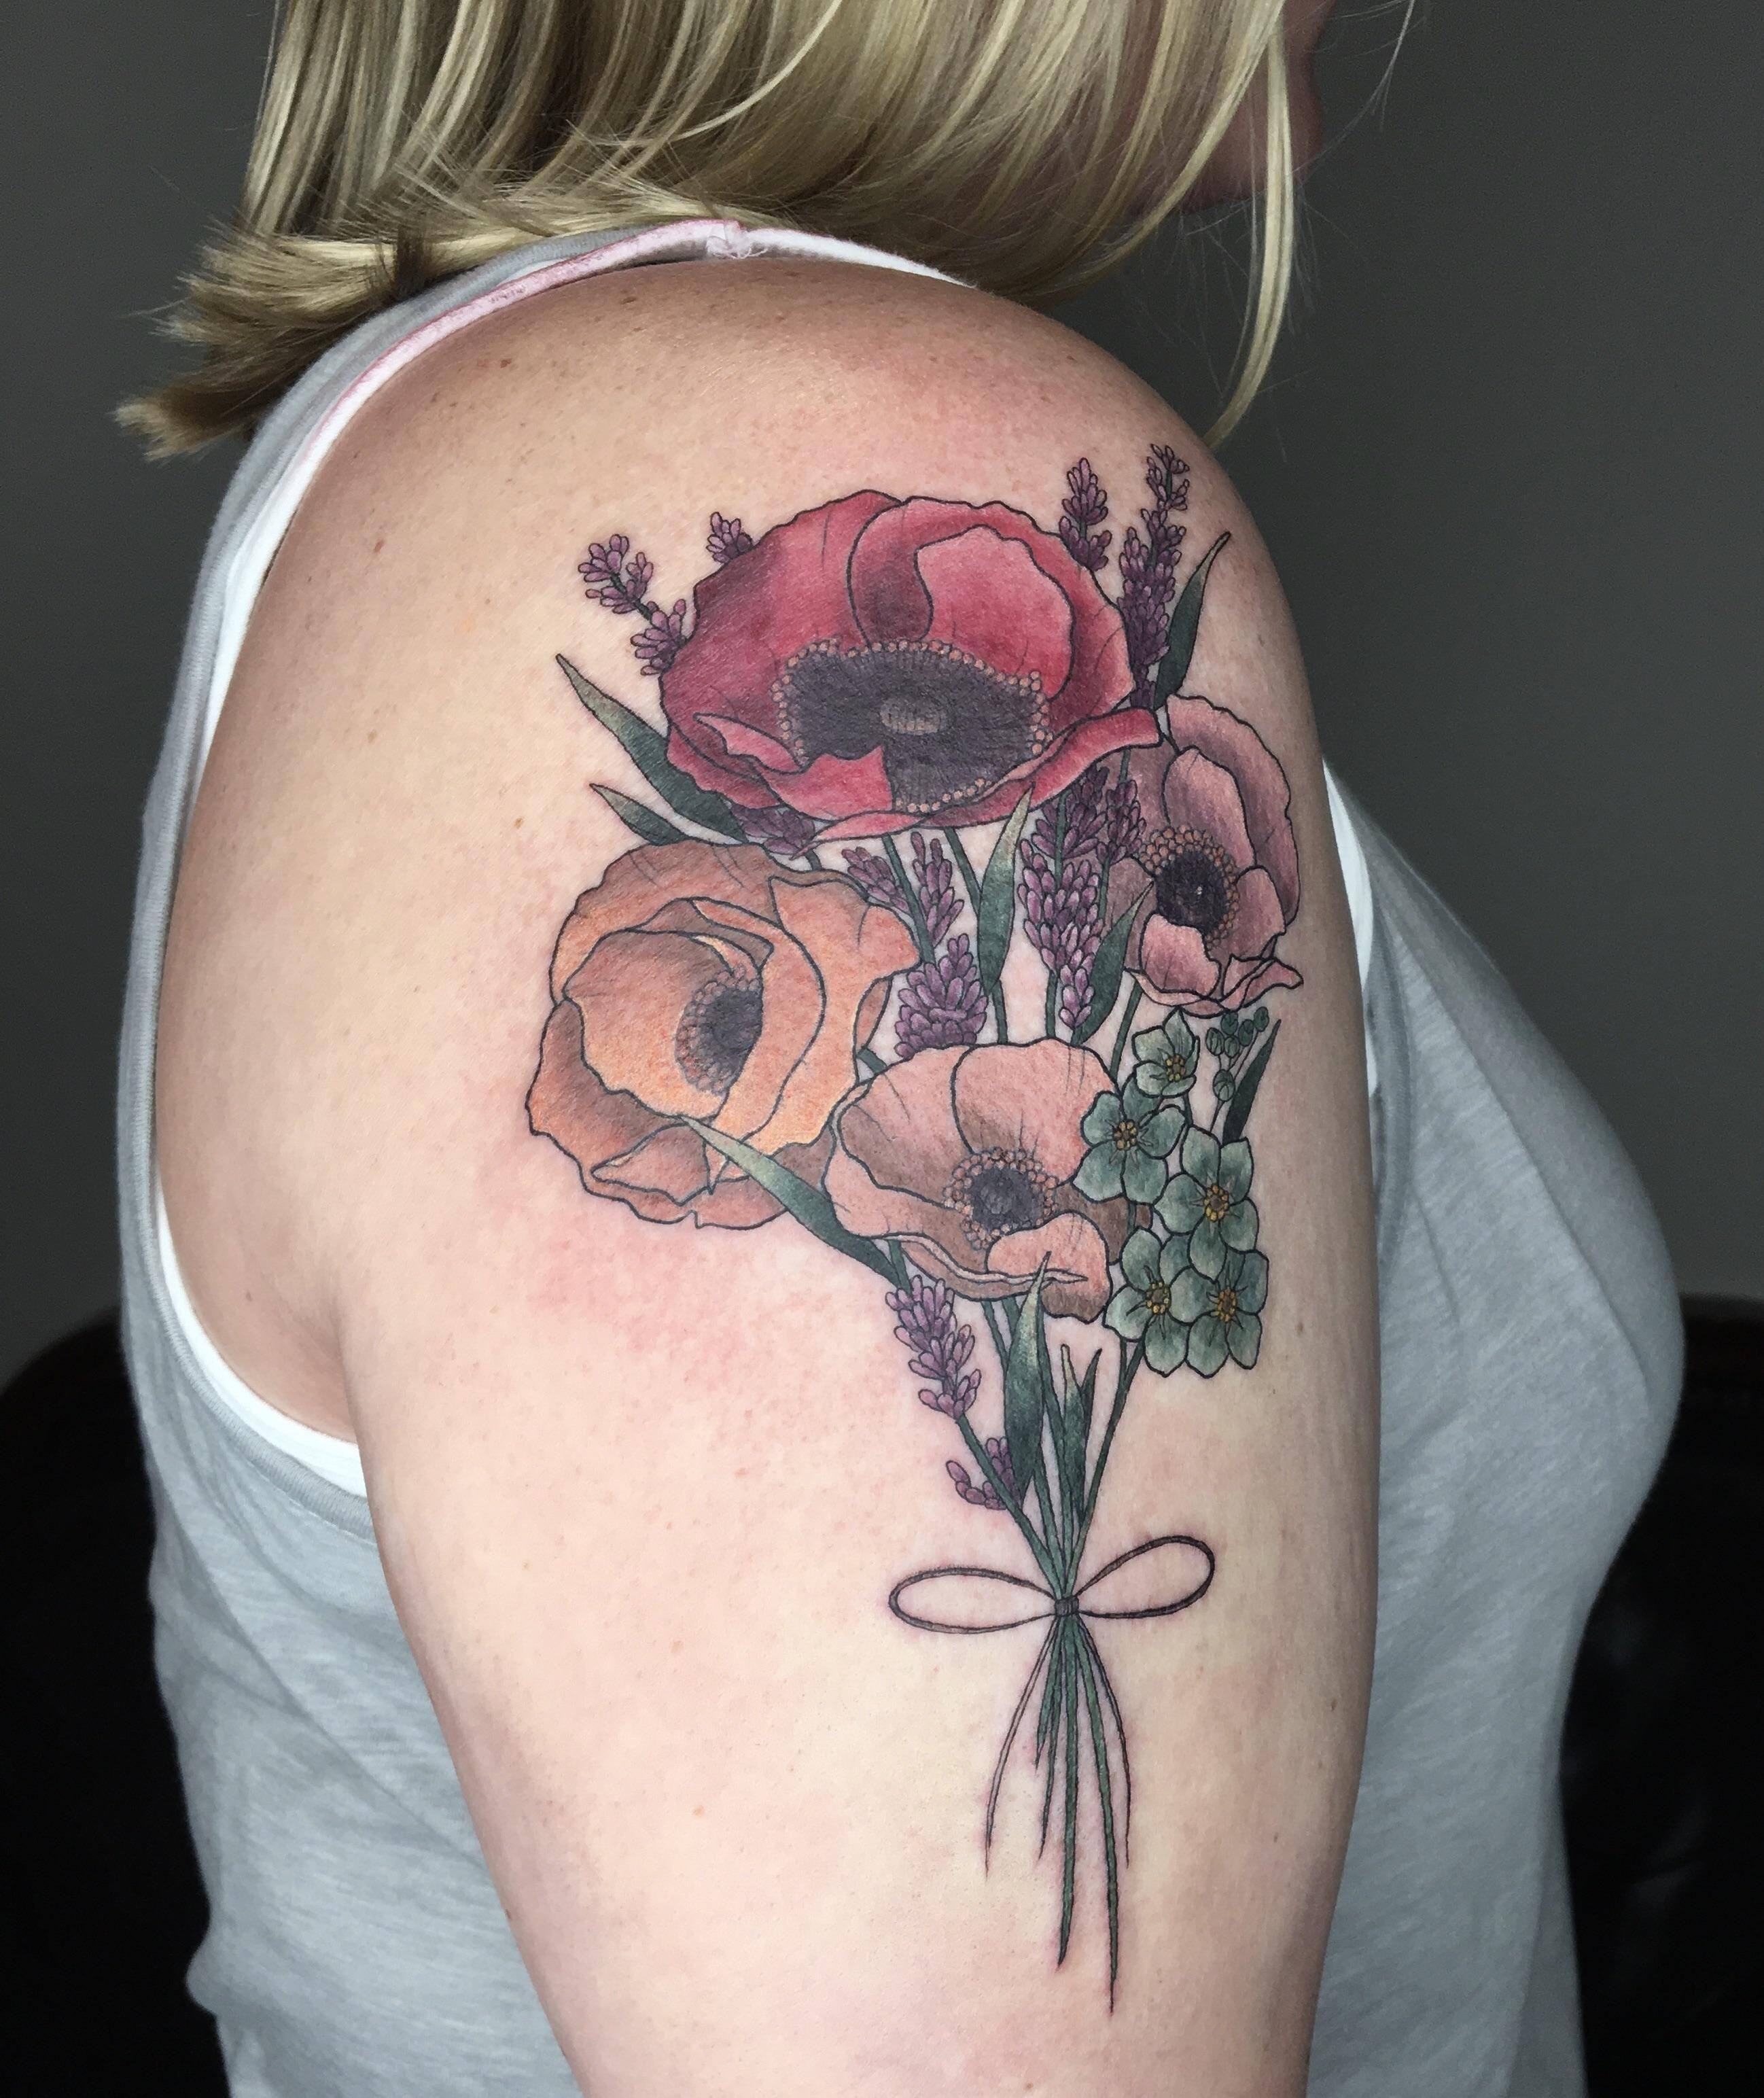 Forearm Flowers By Josh Keyser At Revolution Ink In Pelham Alabama Inspirational Tattoos